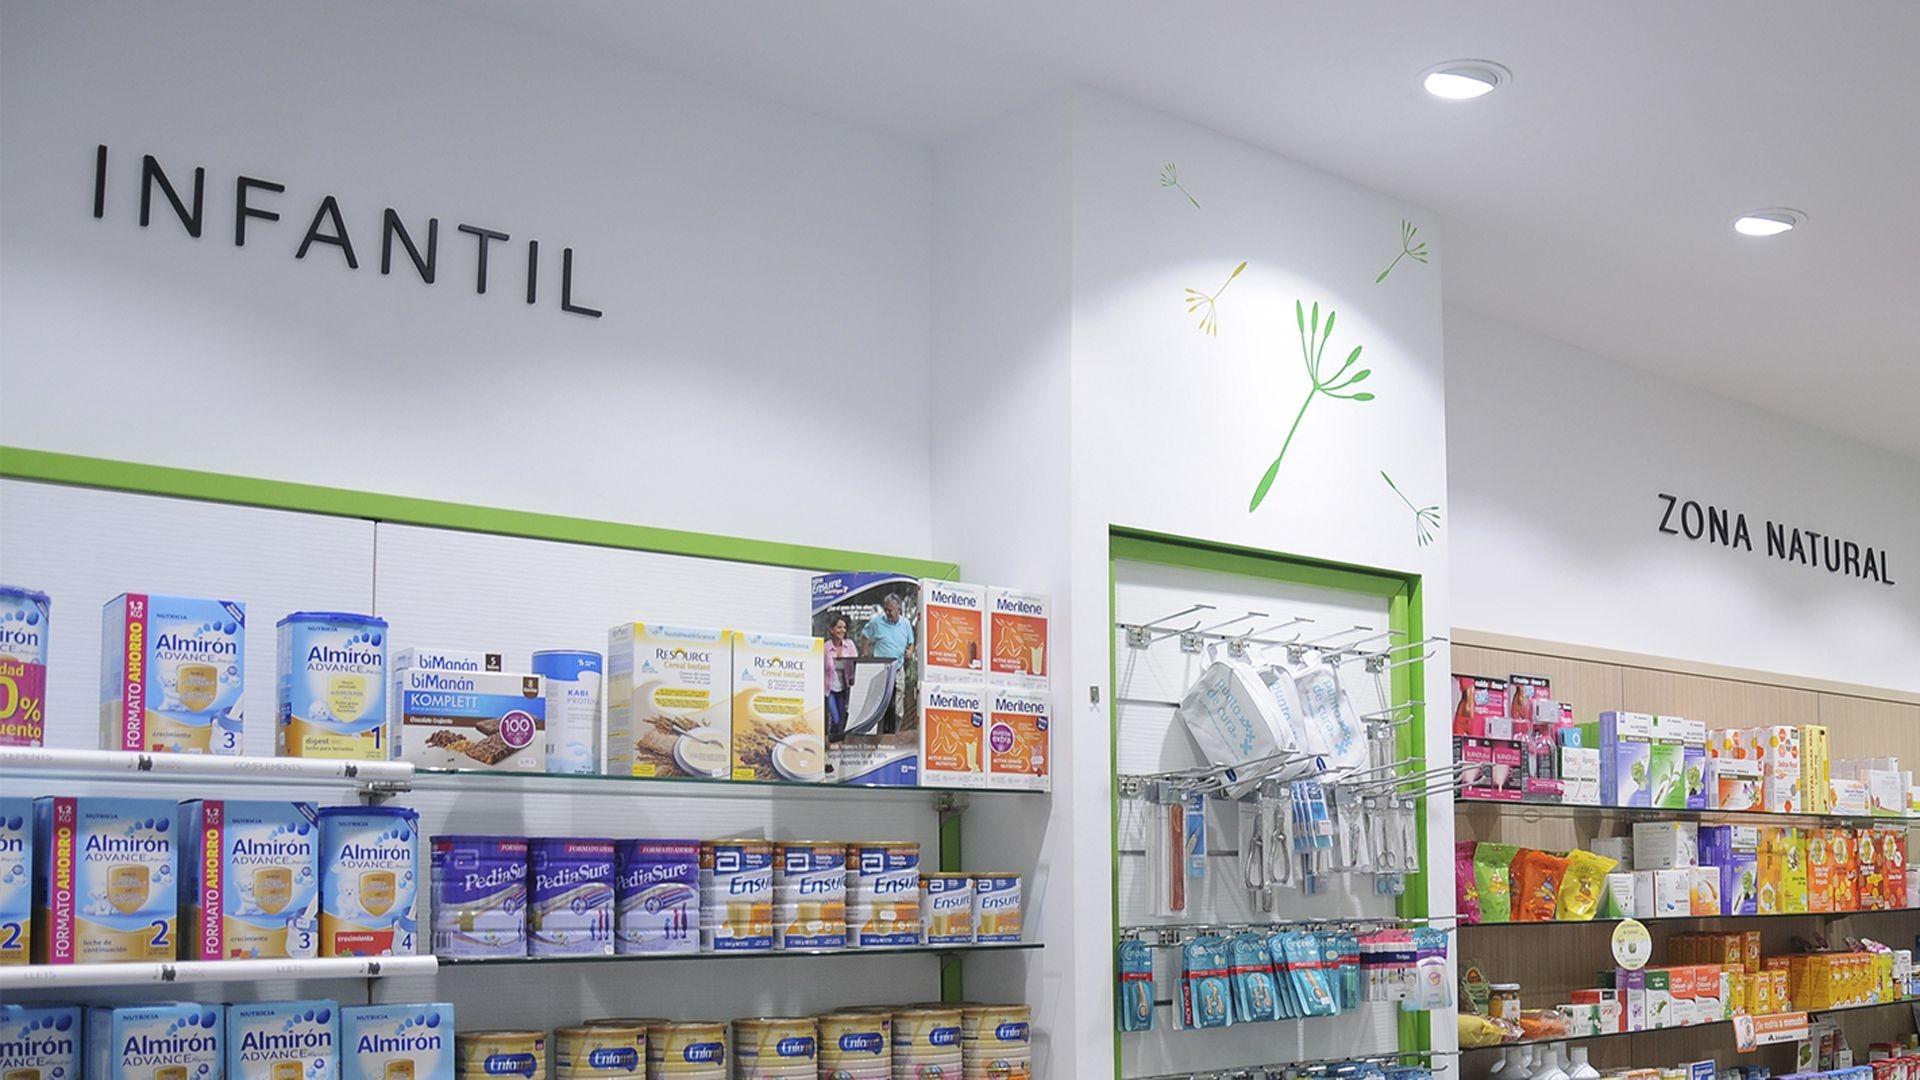 Farmacia con productos de alimentación infantil y natural en Tarragona